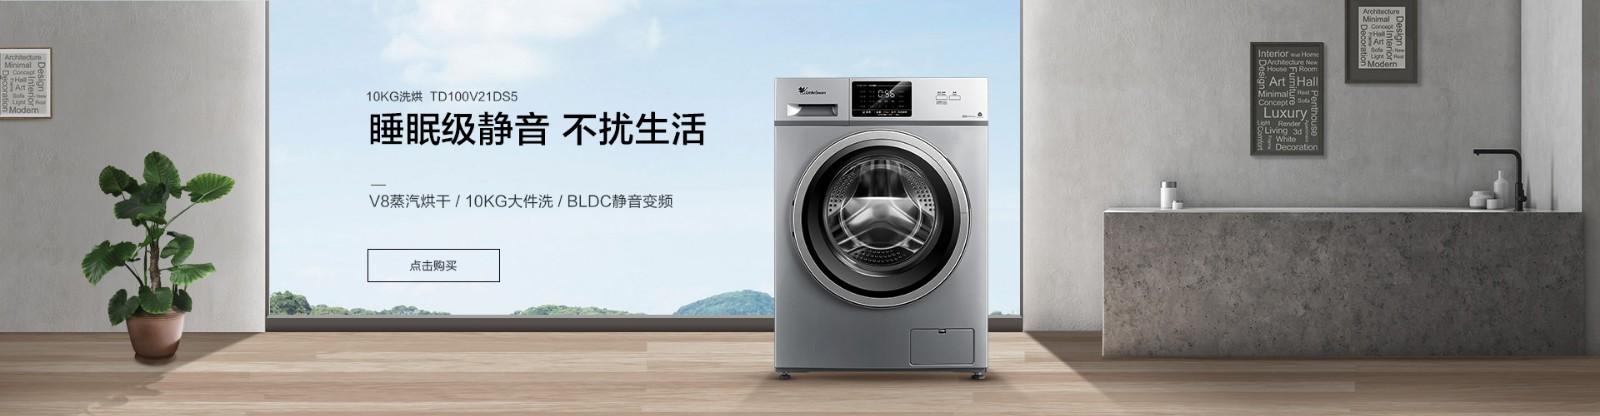 洗烘一体机睡眠级静音不扰生活